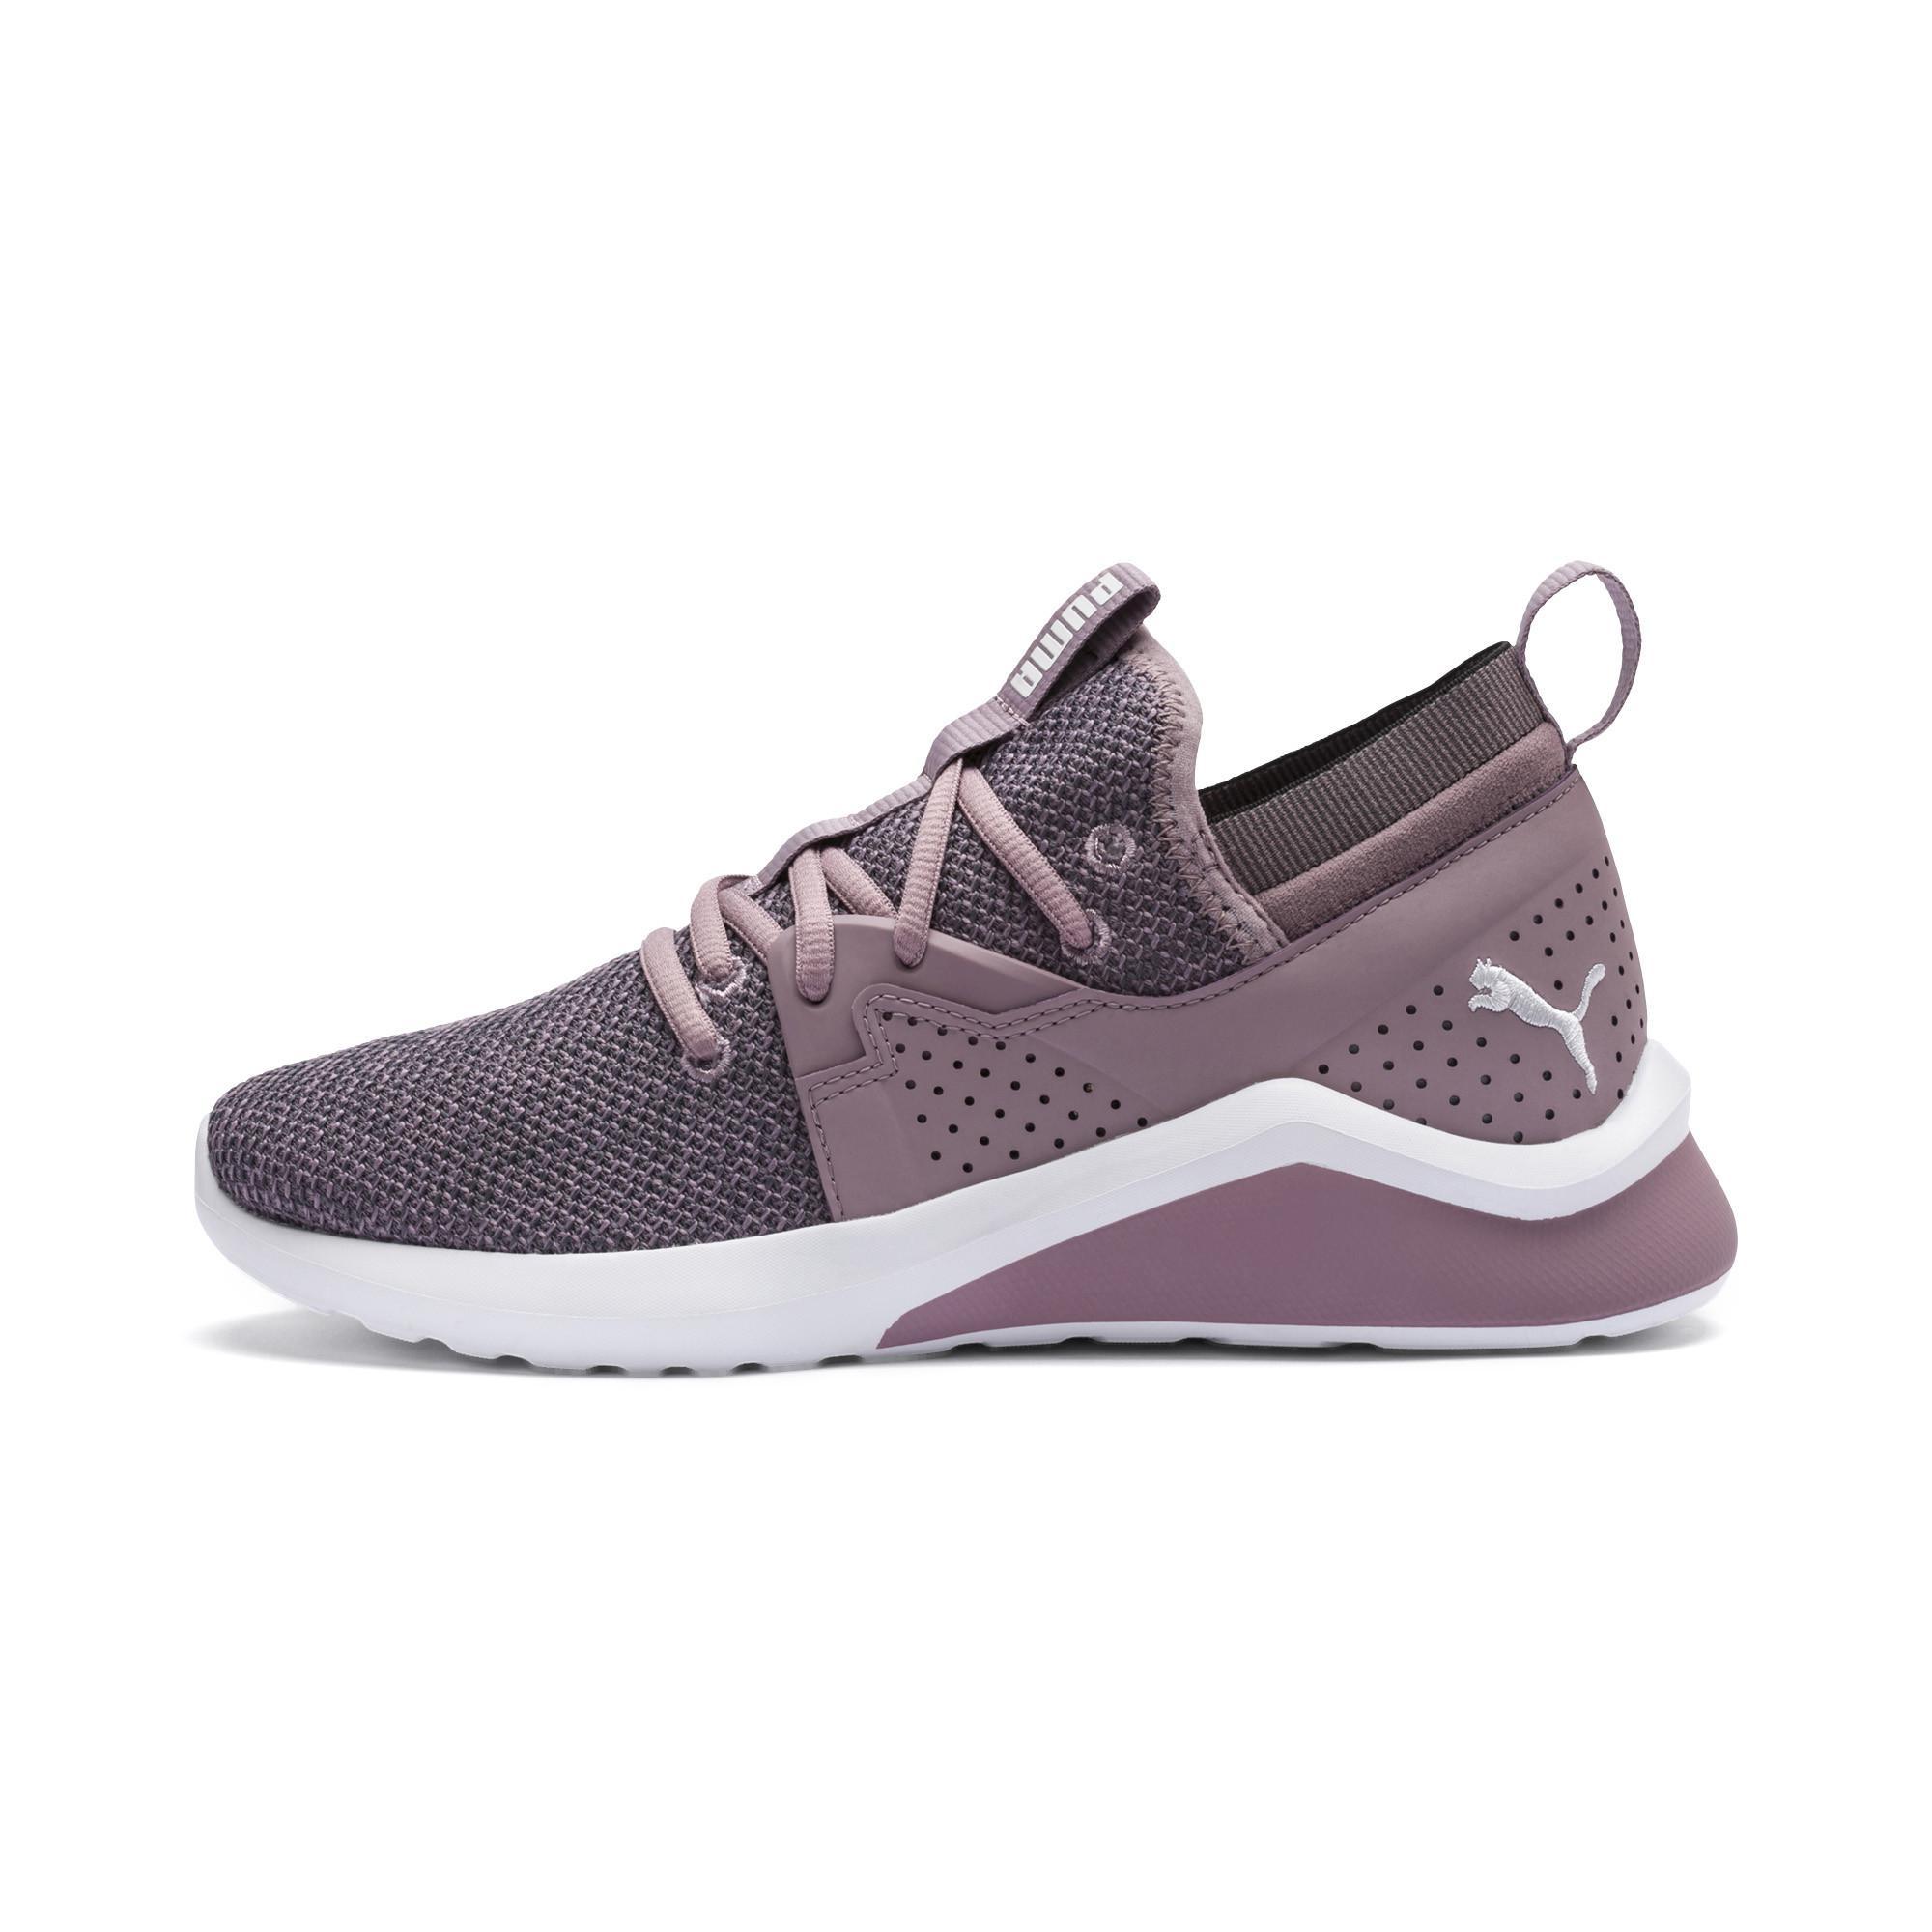 Lyst - PUMA Emergence Women s Sneakers c30f2dee3